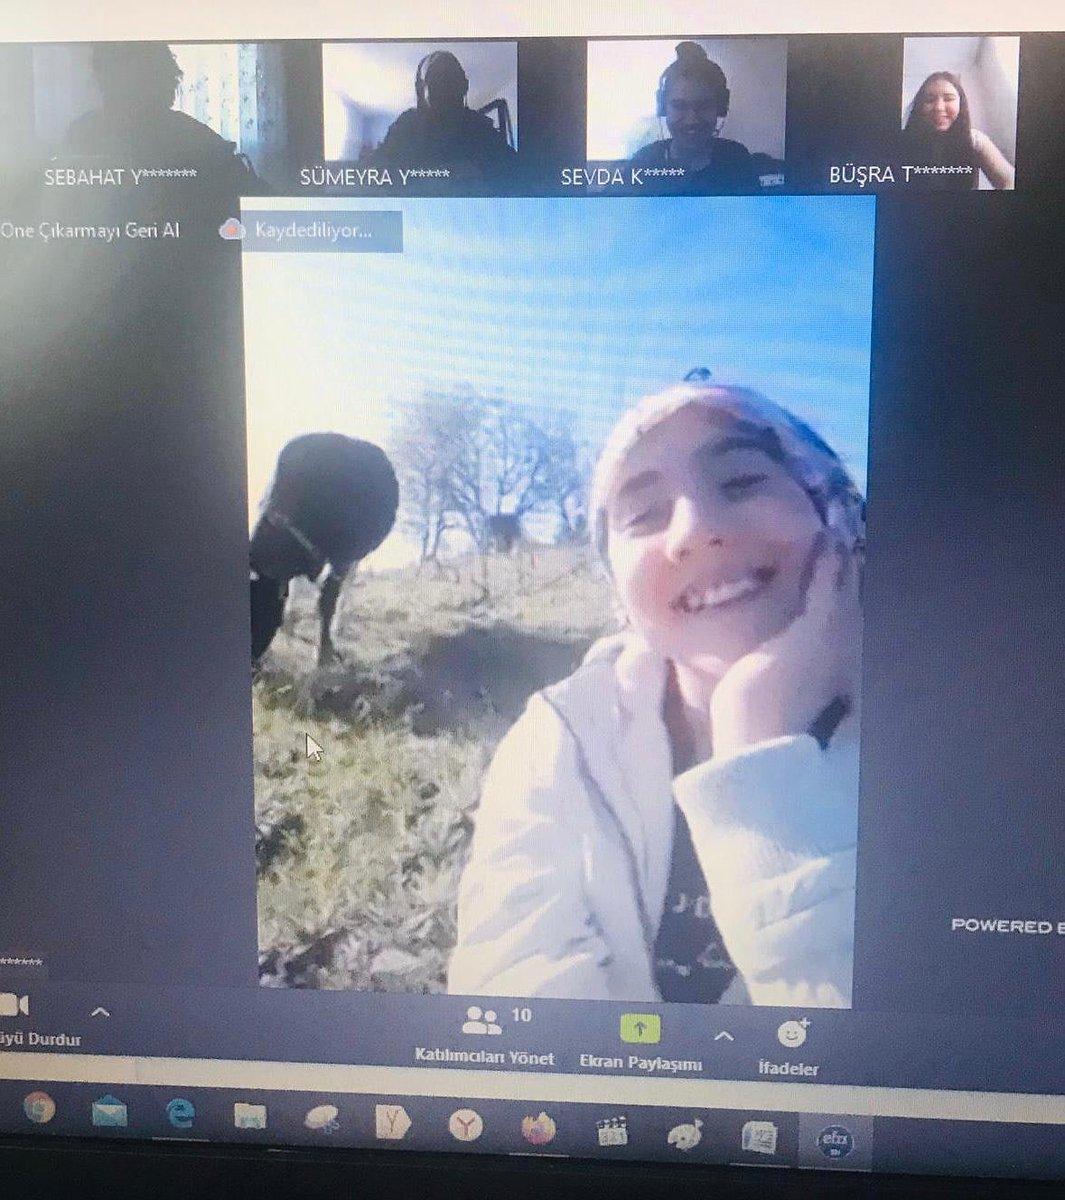 Sevgili Ayşenur... Ben de köyde bir yandan inek güder, bir yandan kitap okurdum demek isterdim. Ama bizde inek vardı, kitap yoktu :) Bu imkanların daha fazlası bizim görevimiz, sizin hakkınız. Fakat biz çok şanslıyız ki senin gibi öğrencilerimiz var. Ailene selamlar. https://t.co/r3j3cQ0N6X